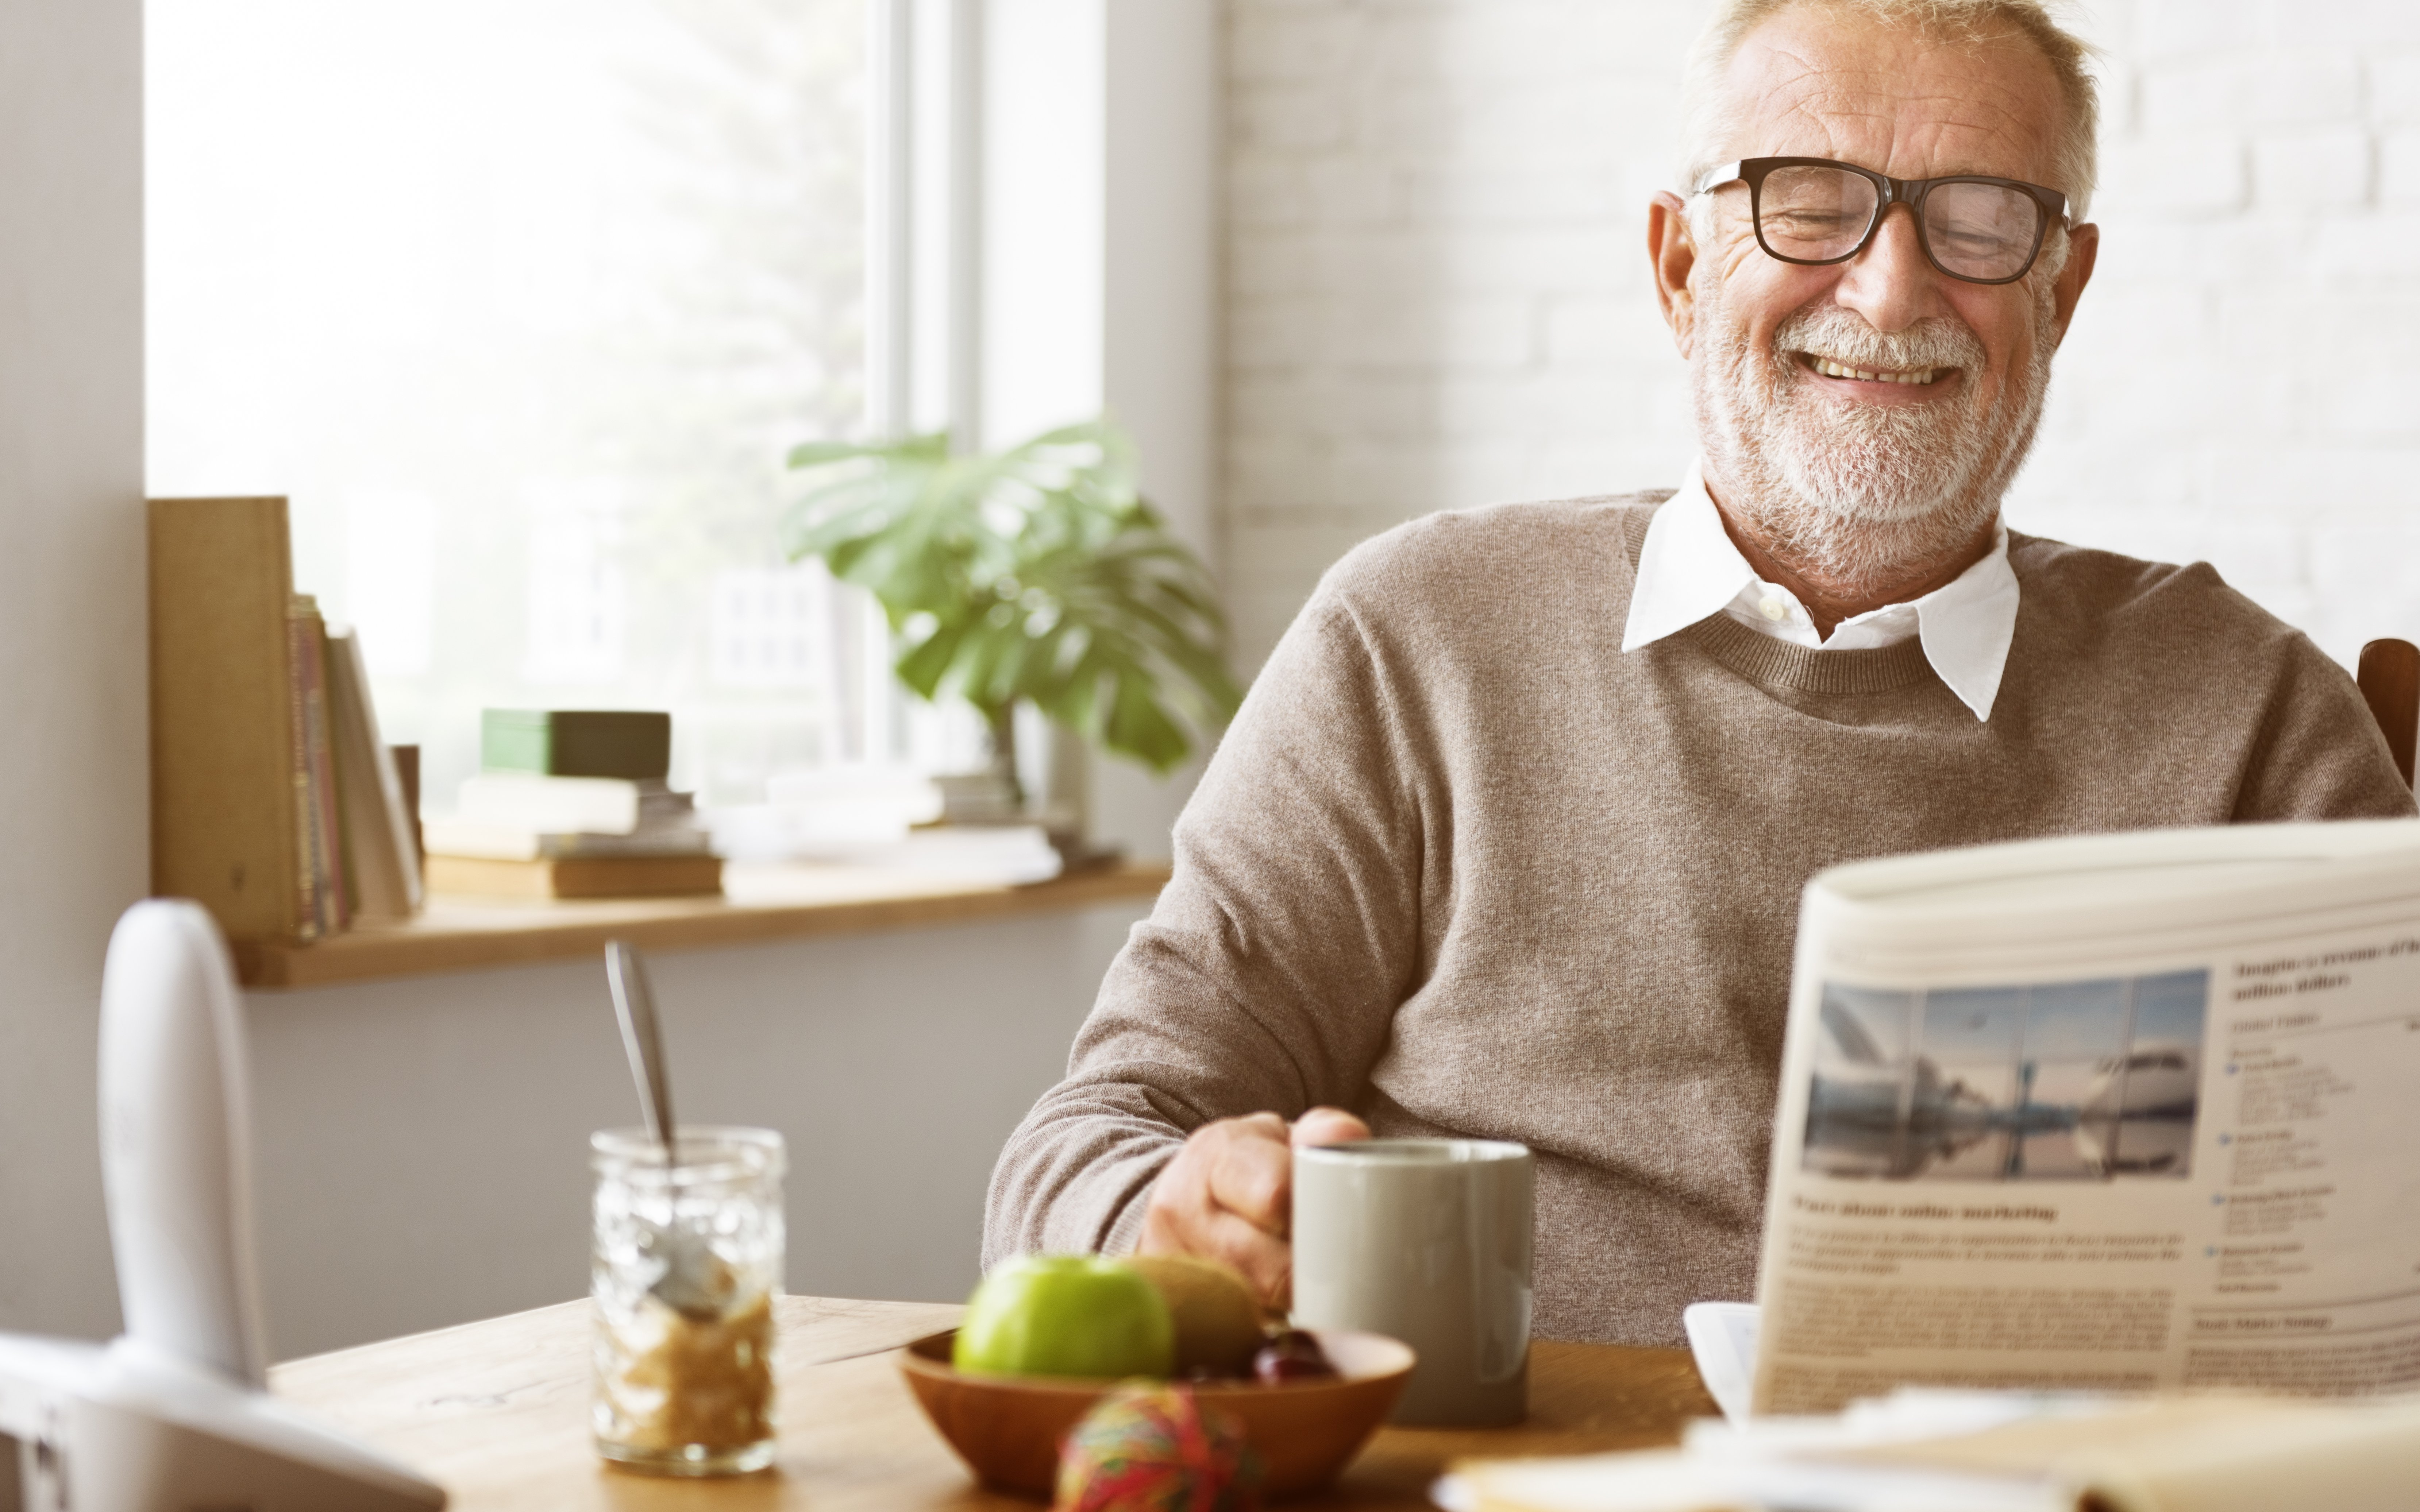 Verabschiedung In Den Ruhestand Mit Würde Und Hochachtung